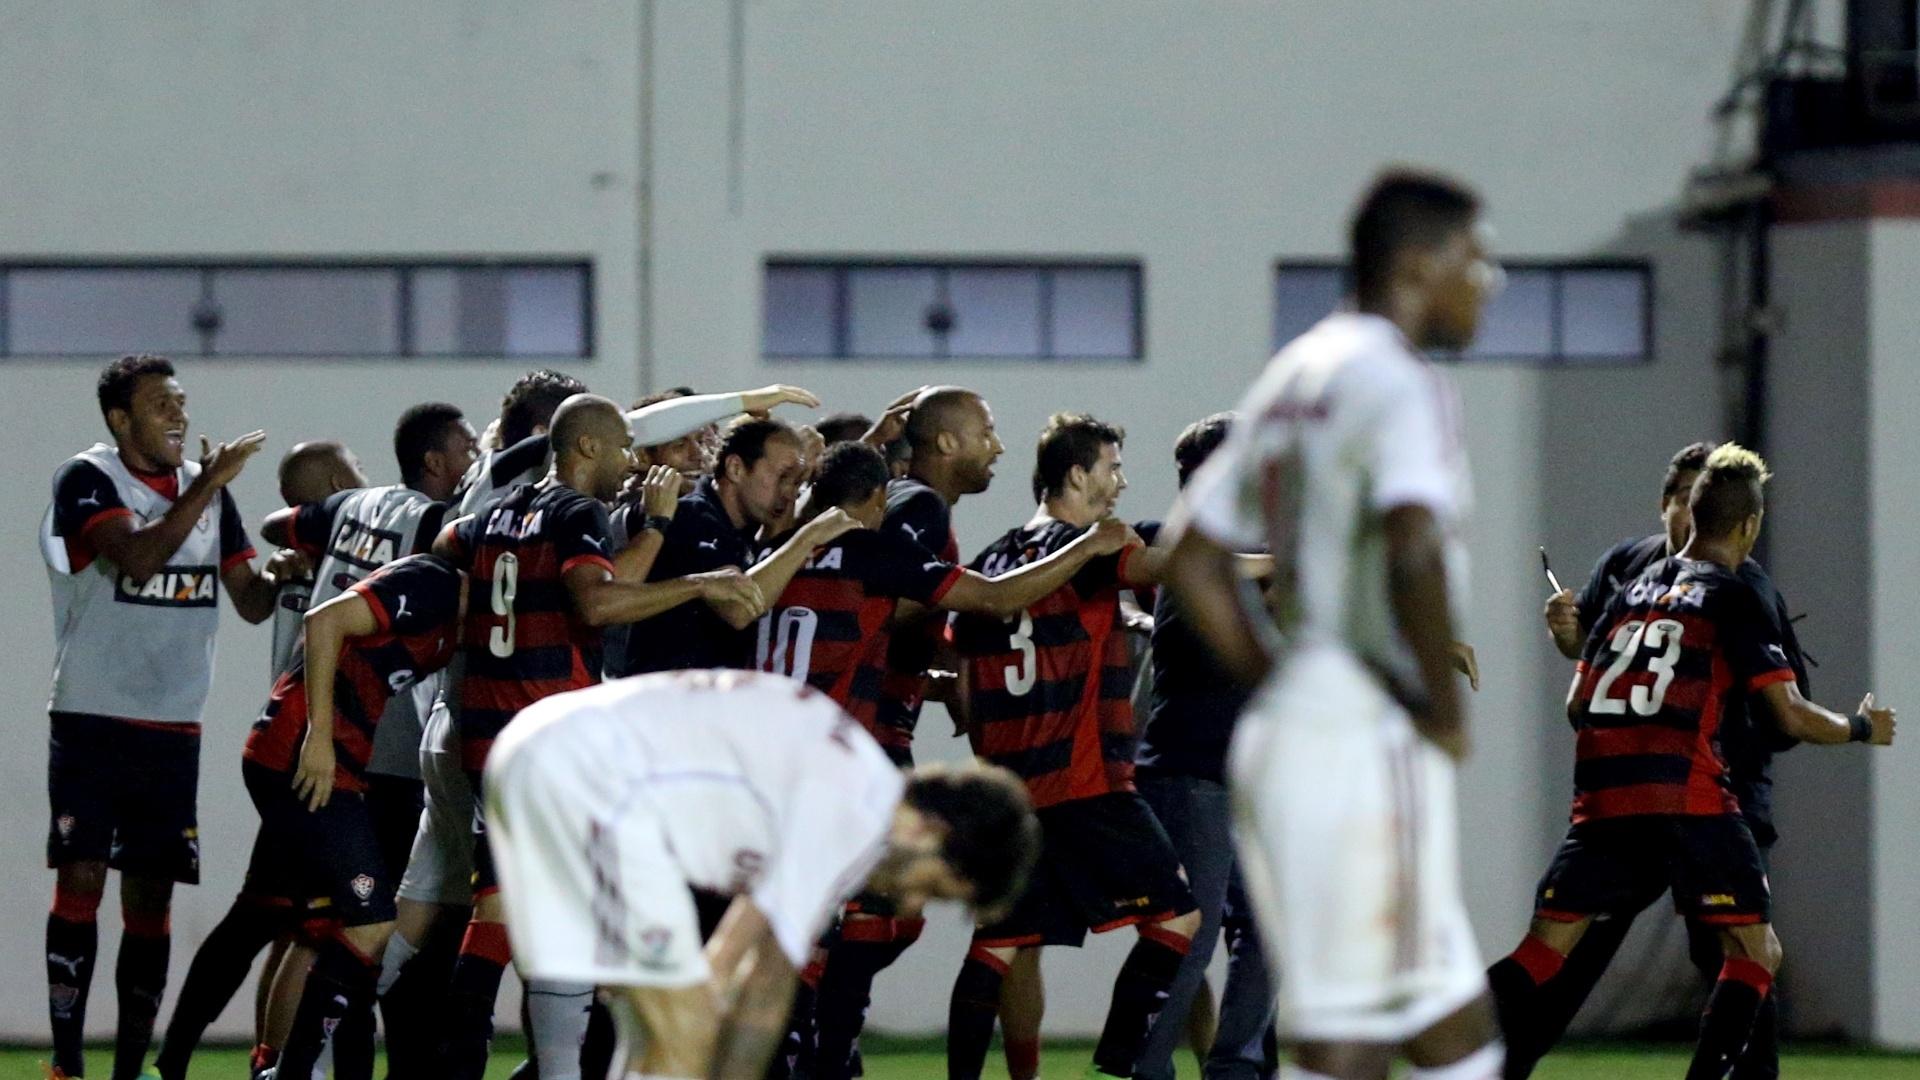 Jogadores do Vitória comemoram gol contra o Fluminense pelo Brasileirão